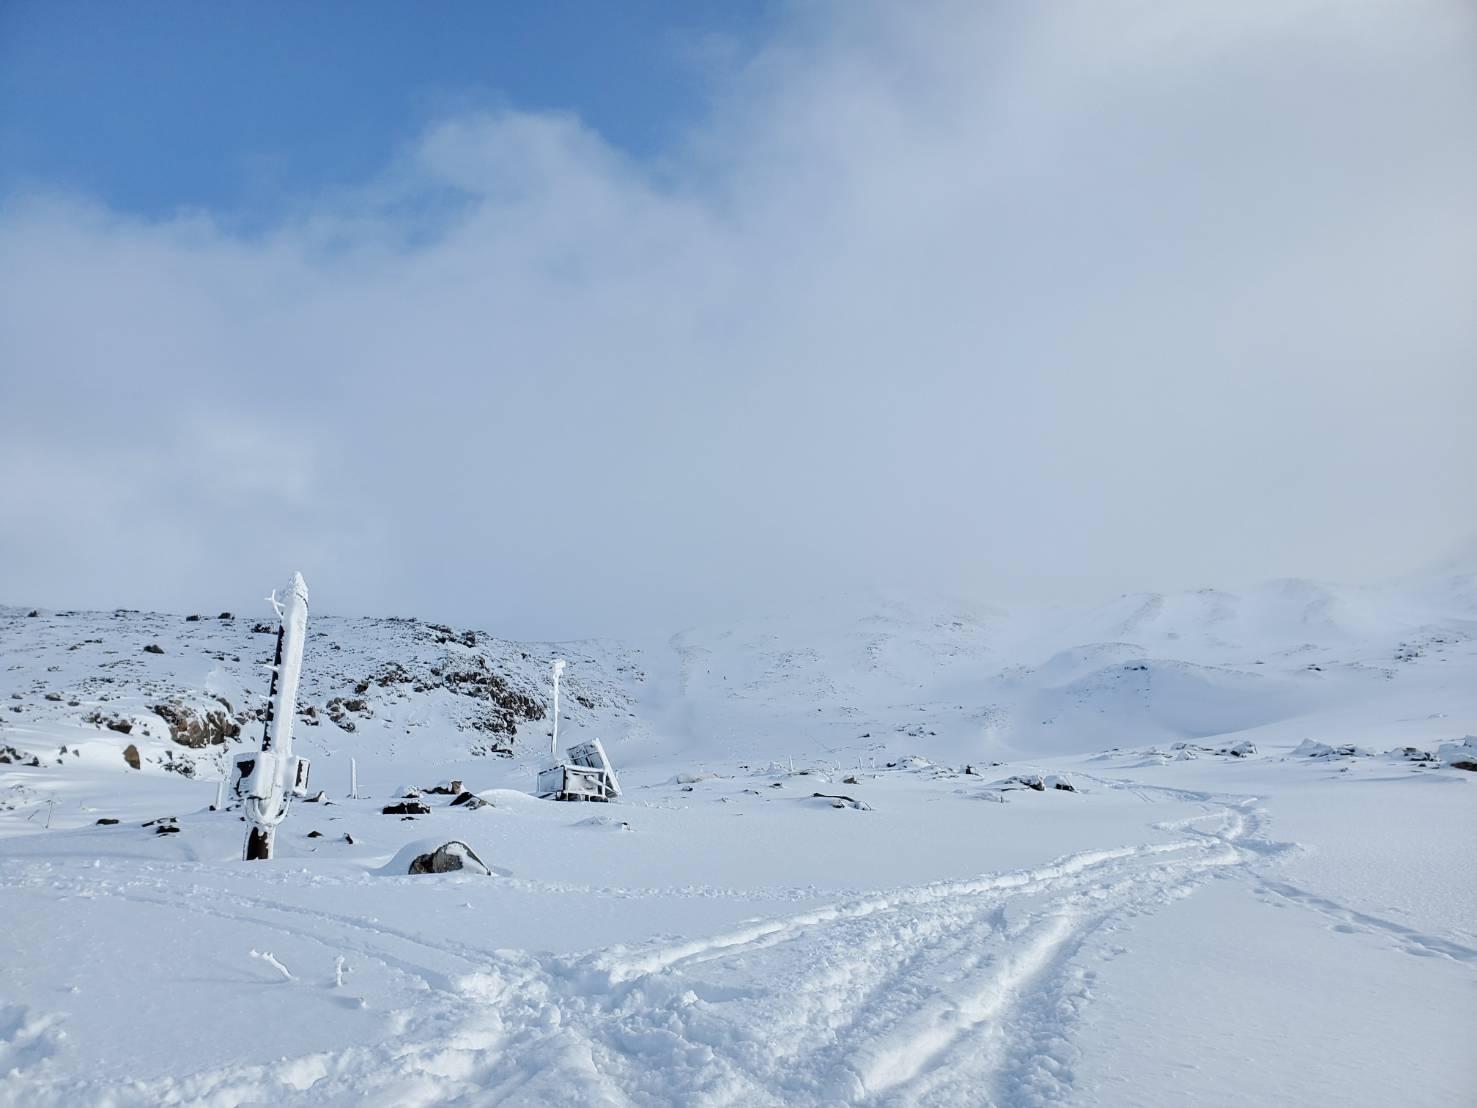 十勝岳で氷雪登山。_a0141678_23164243.jpg